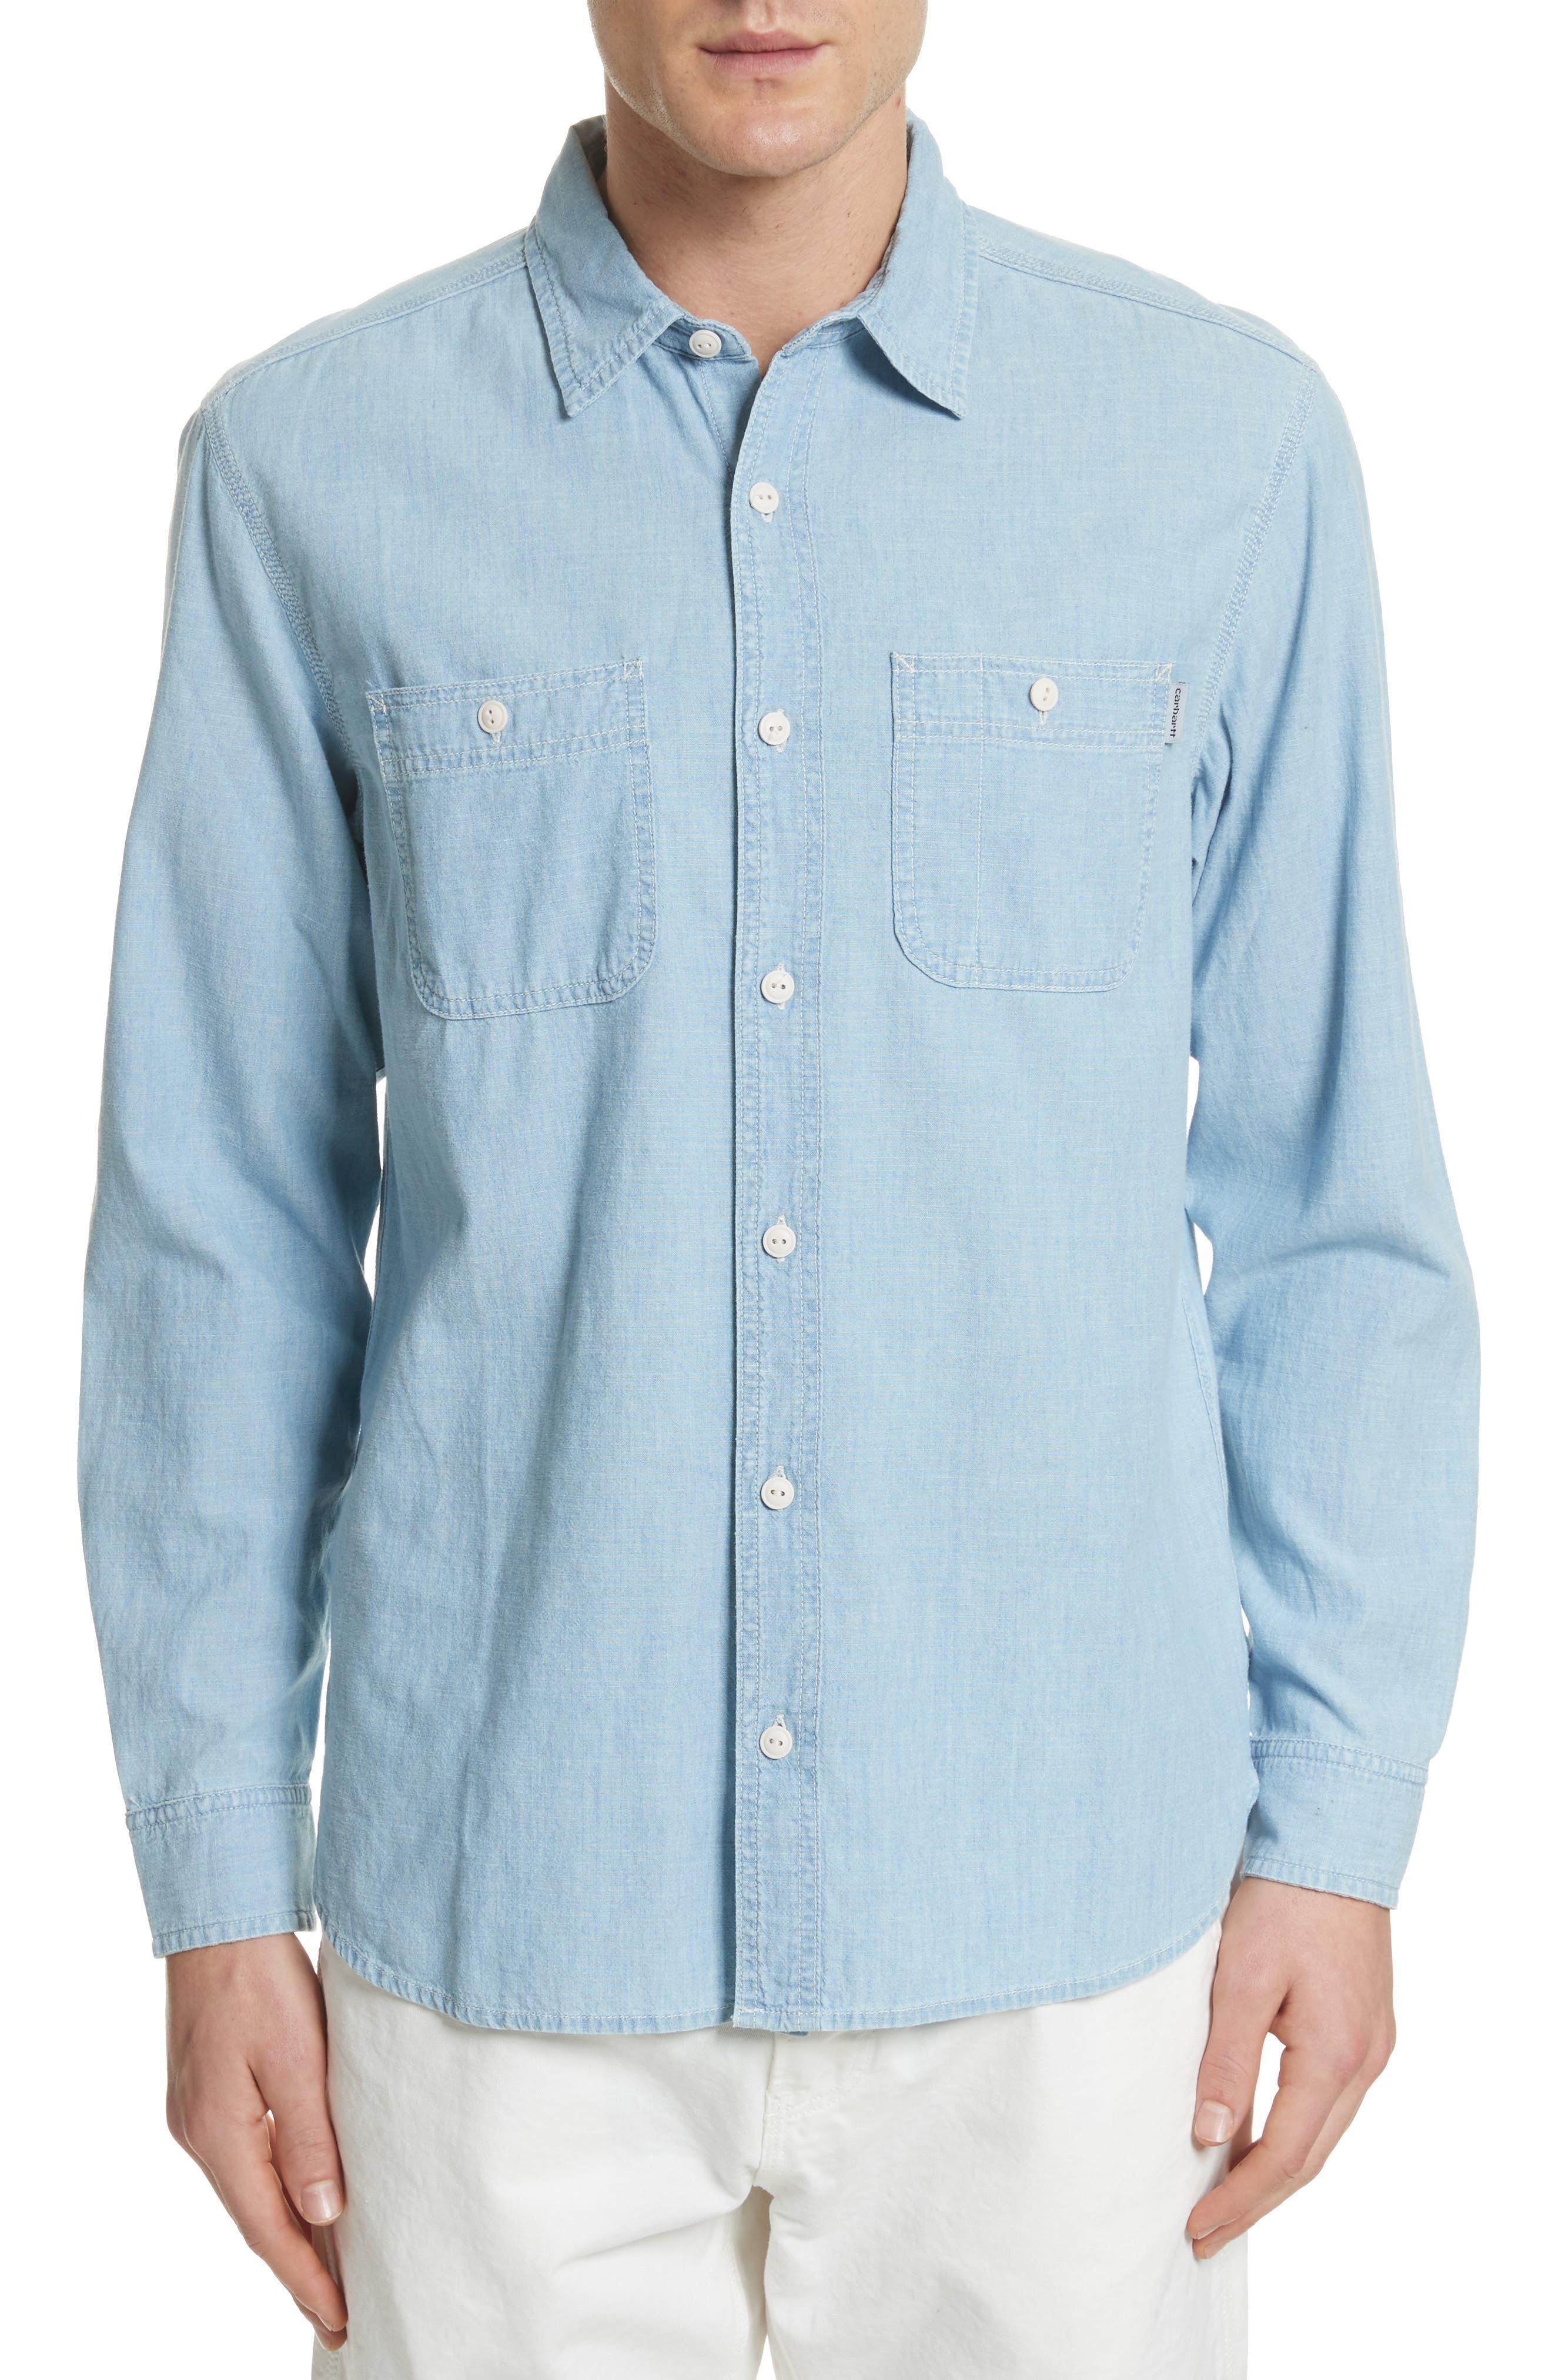 Clink Chambray Shirt,                             Main thumbnail 1, color,                             460